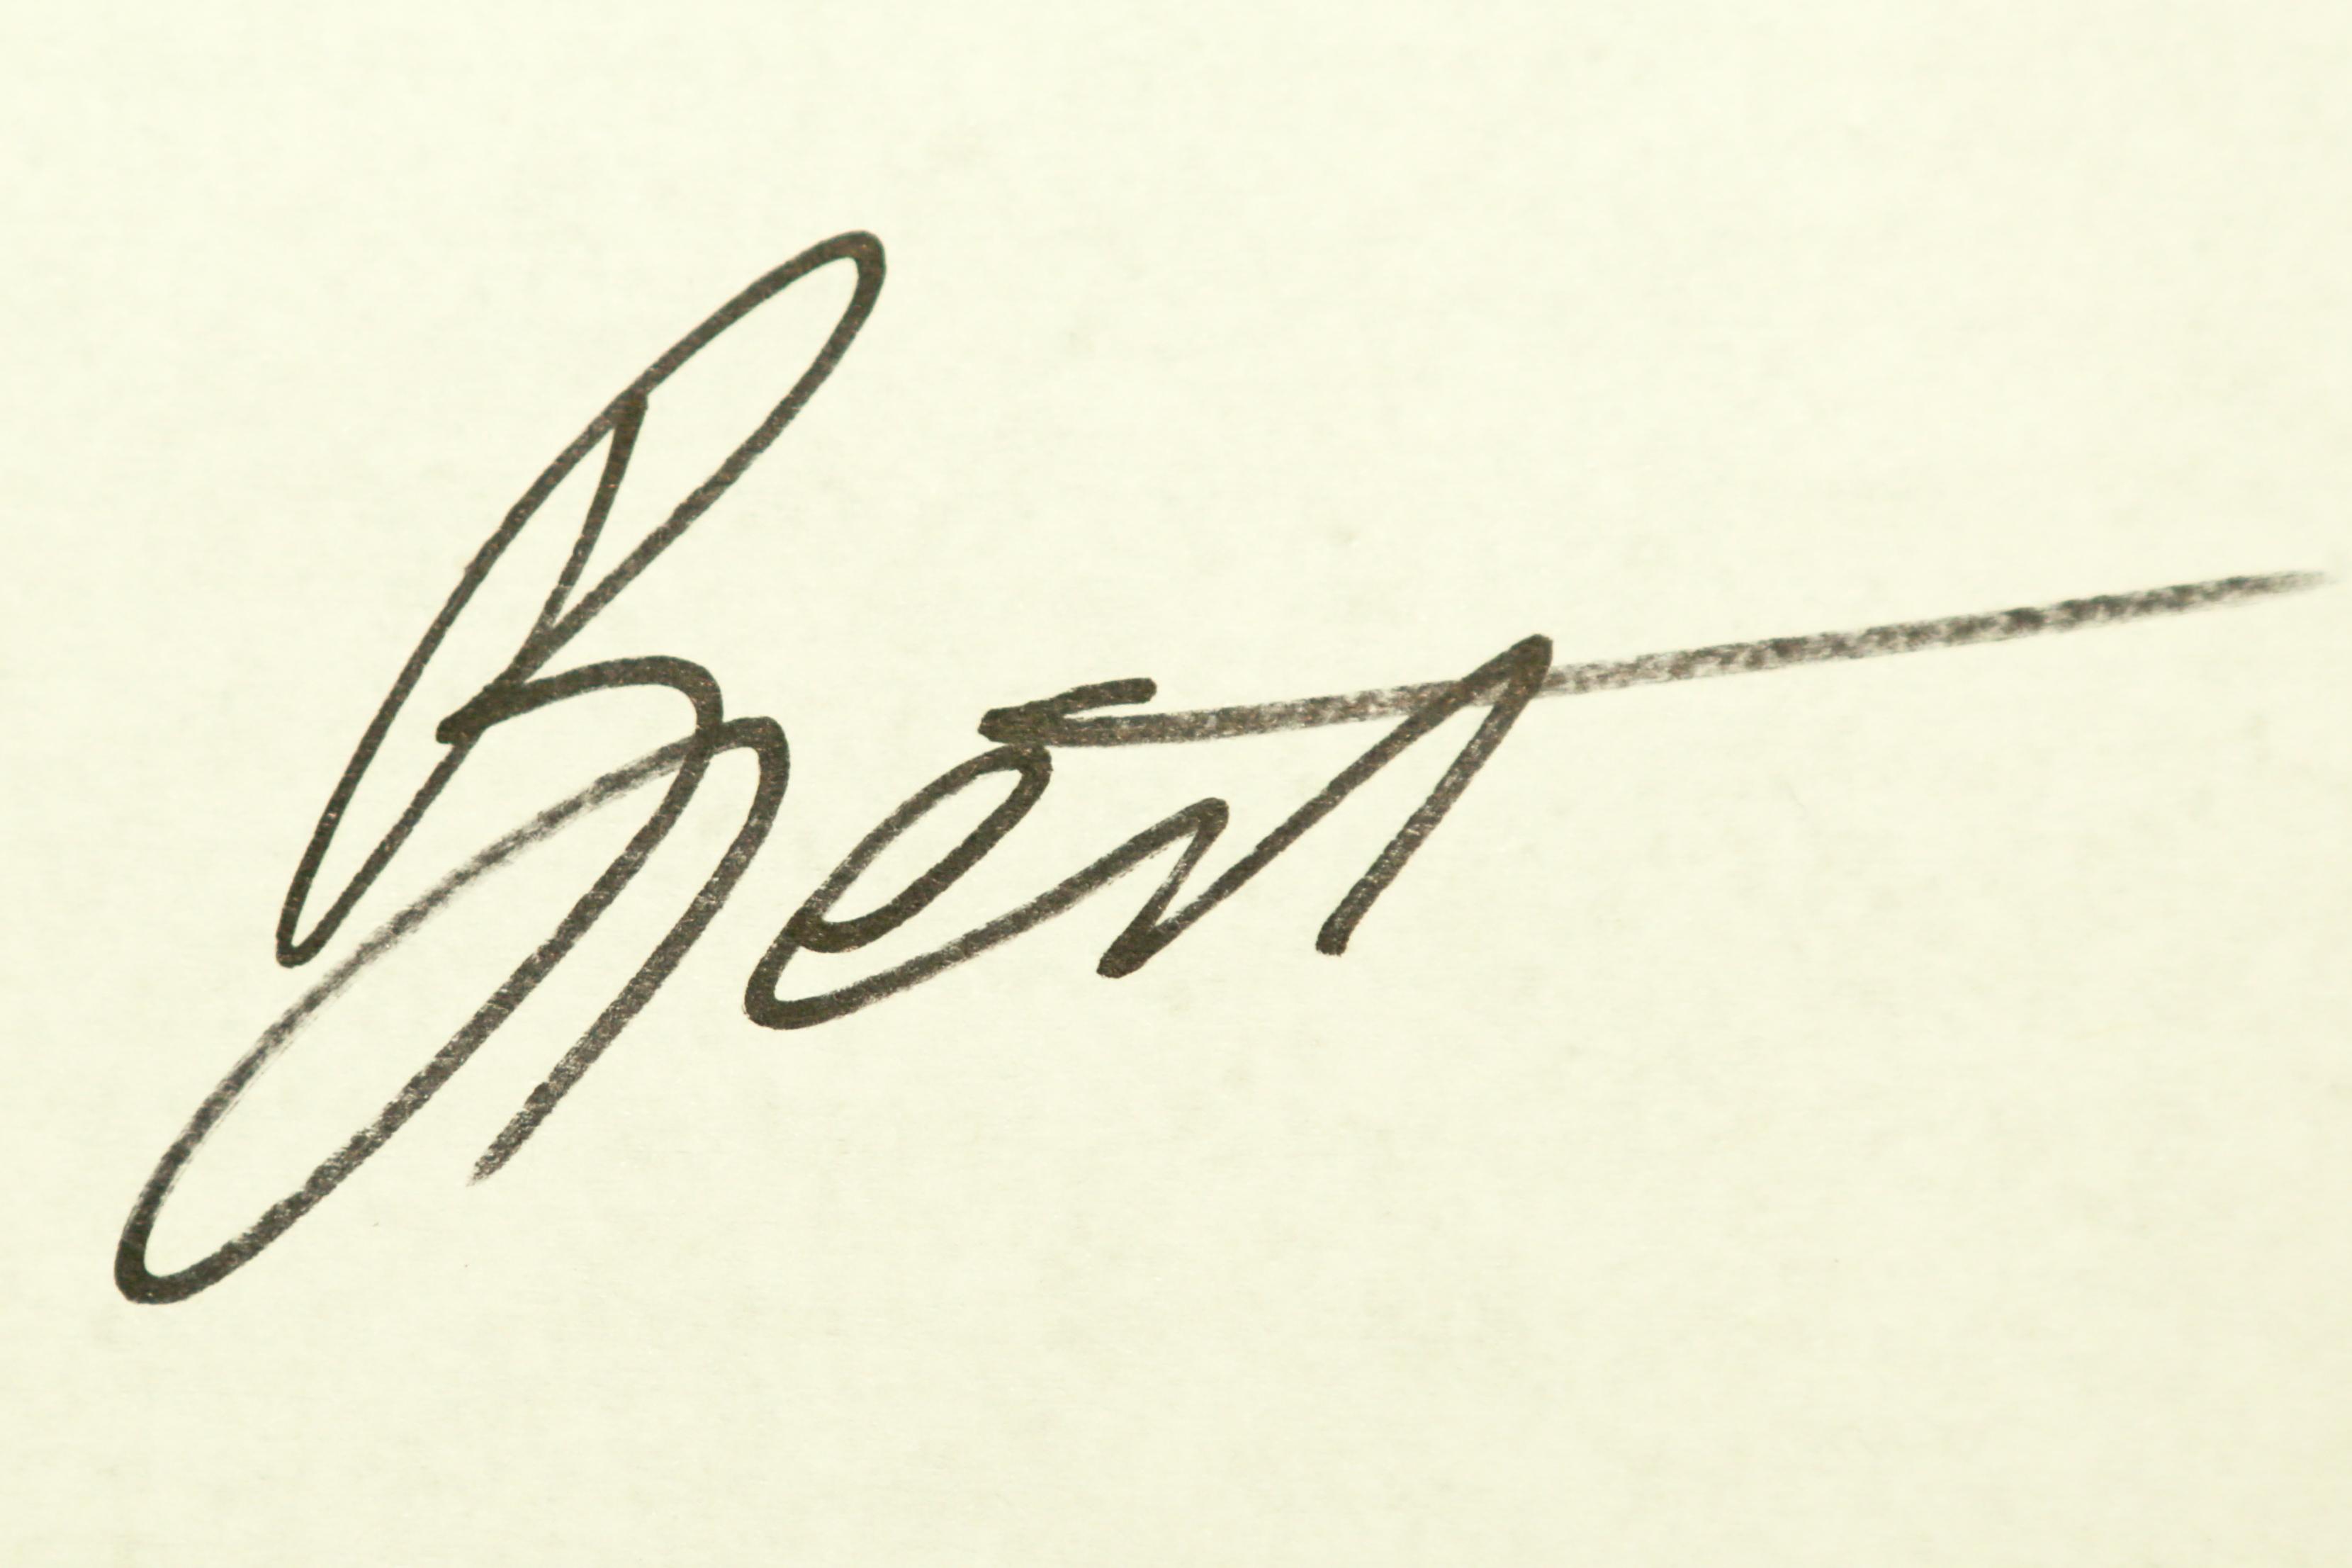 Brett Gorzalski's Signature